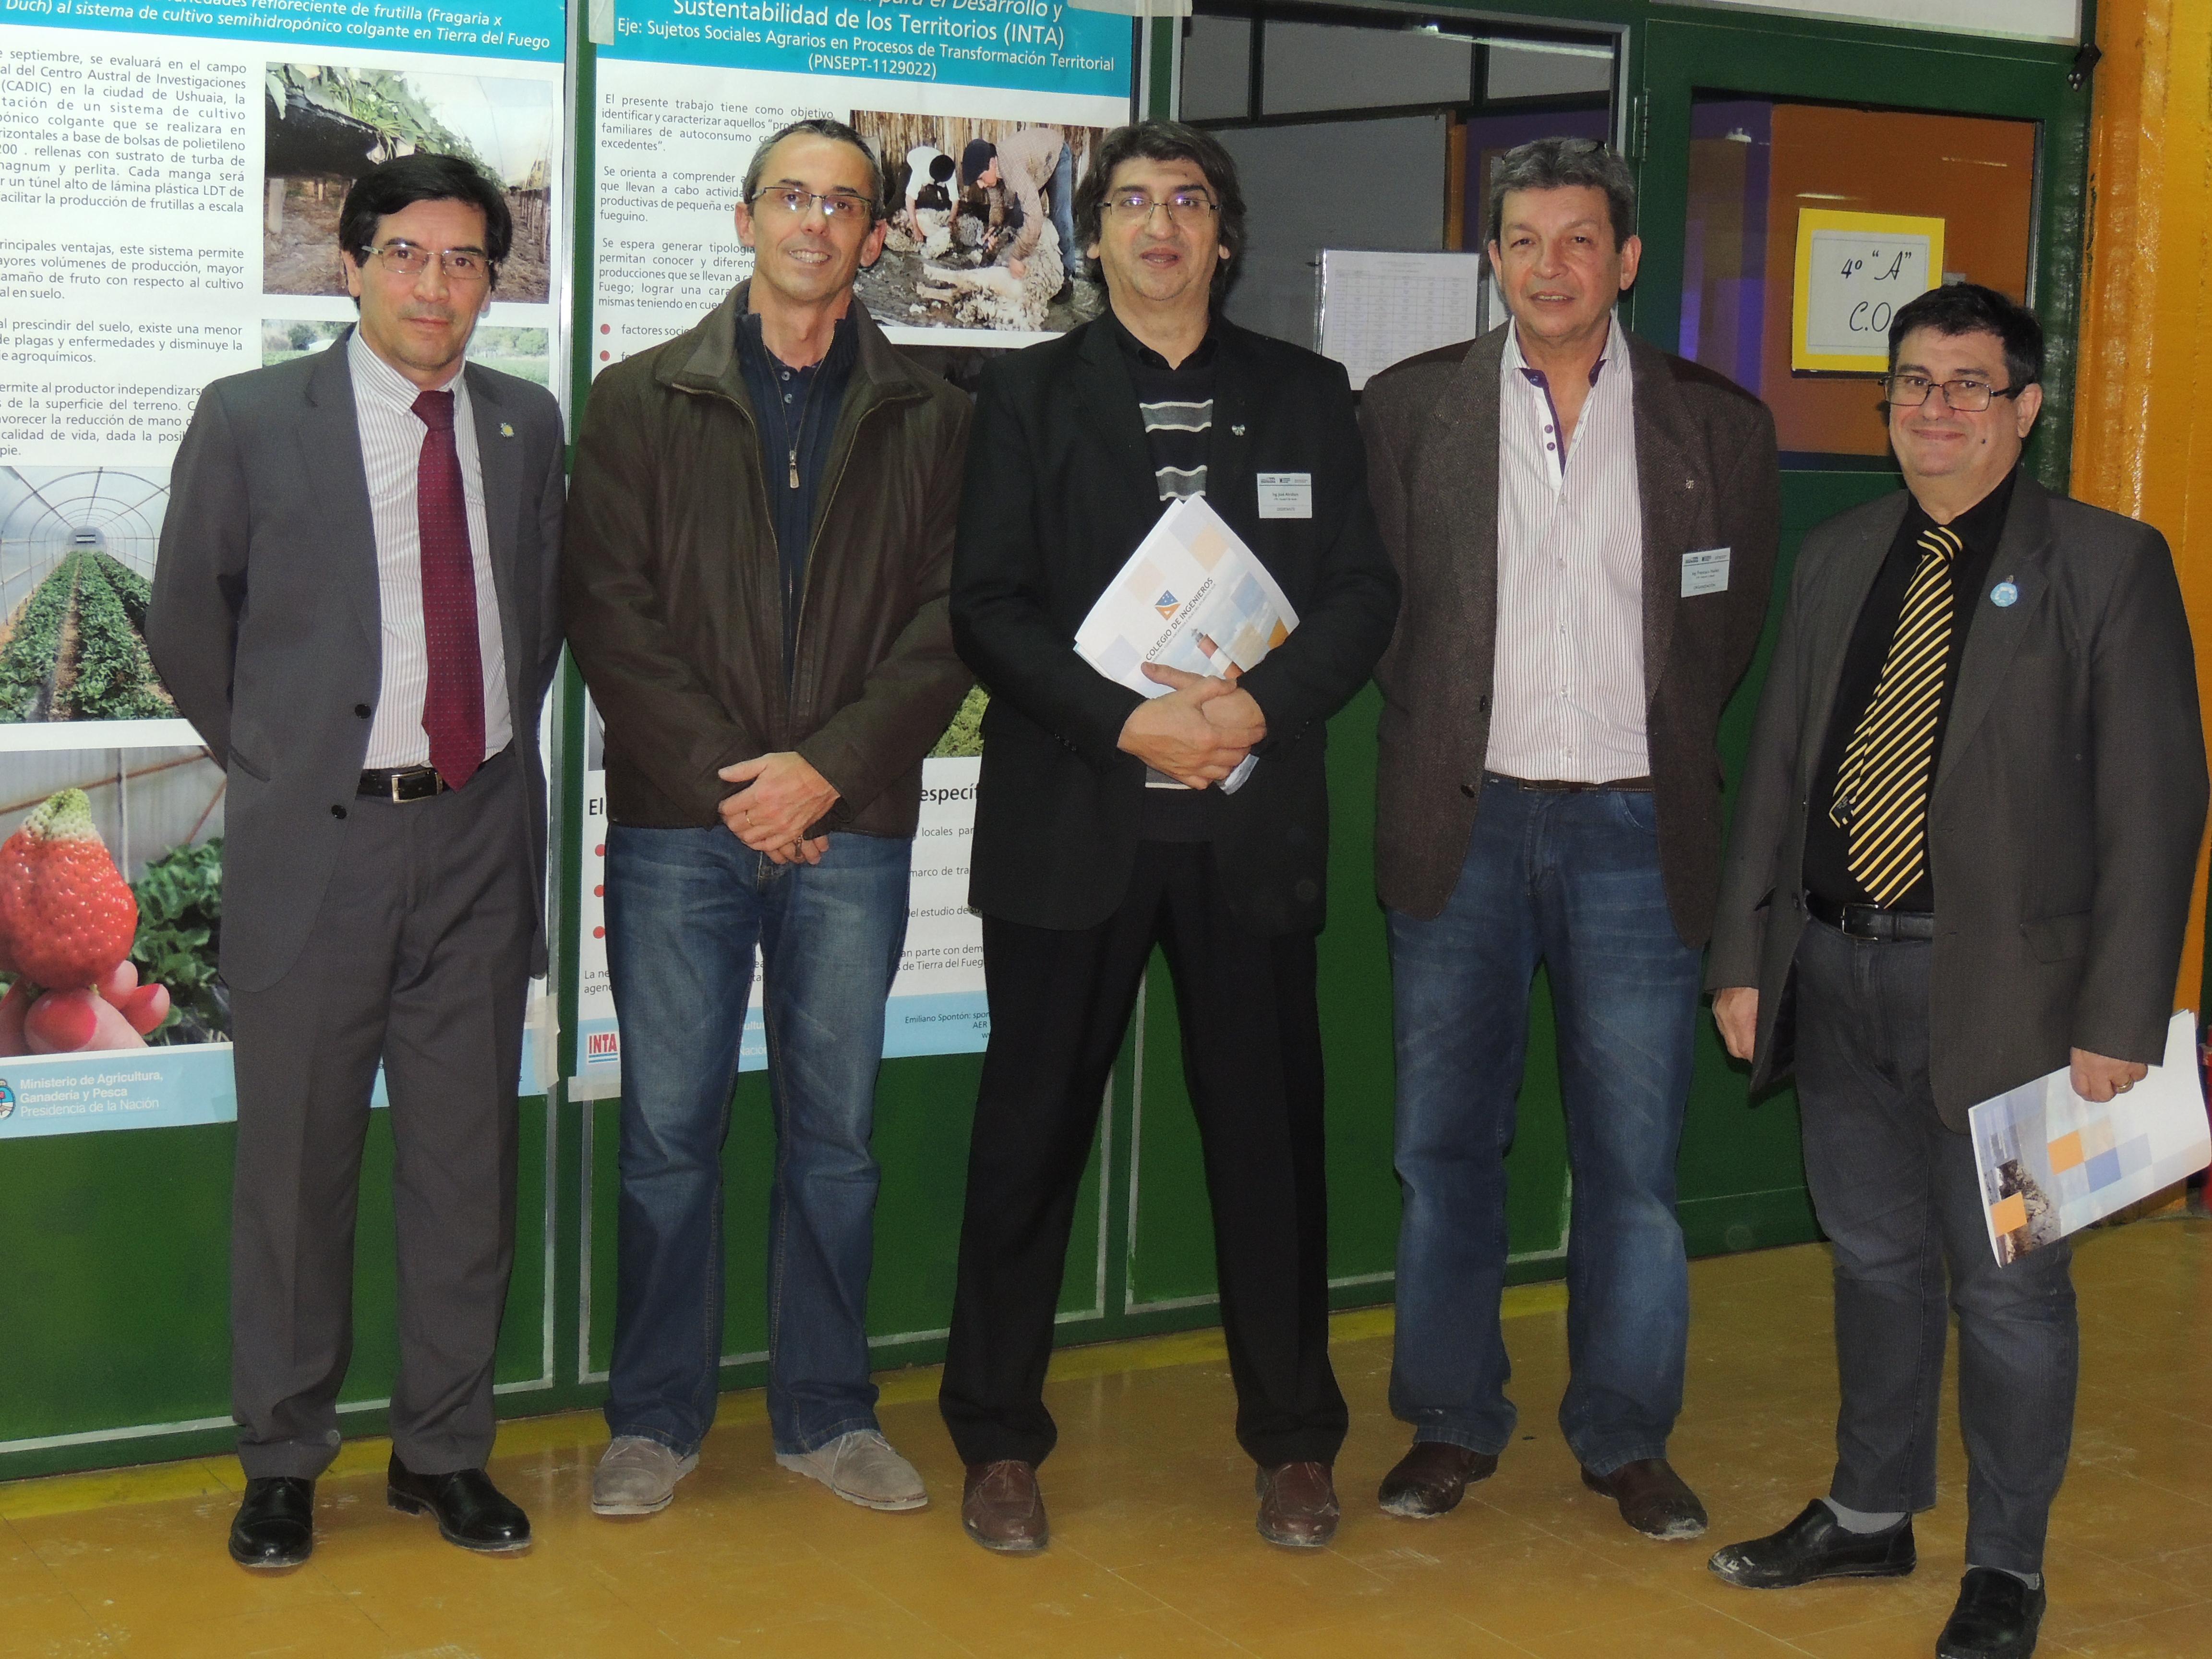 Autoridades de la Universidad Tecnológica Nacional, presentes en la Semana de la Ingeniería.